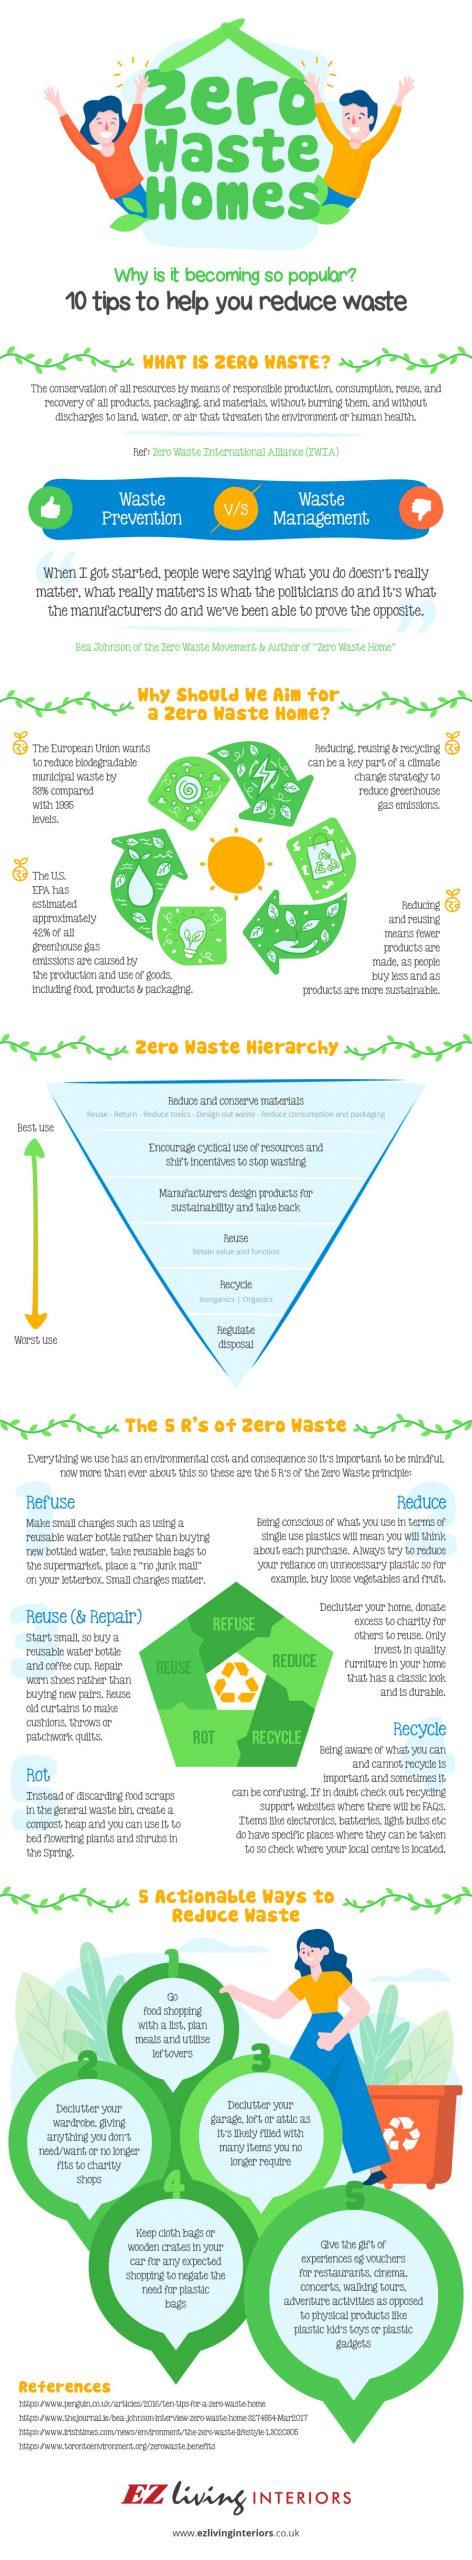 Zero Waste Homes Infographic